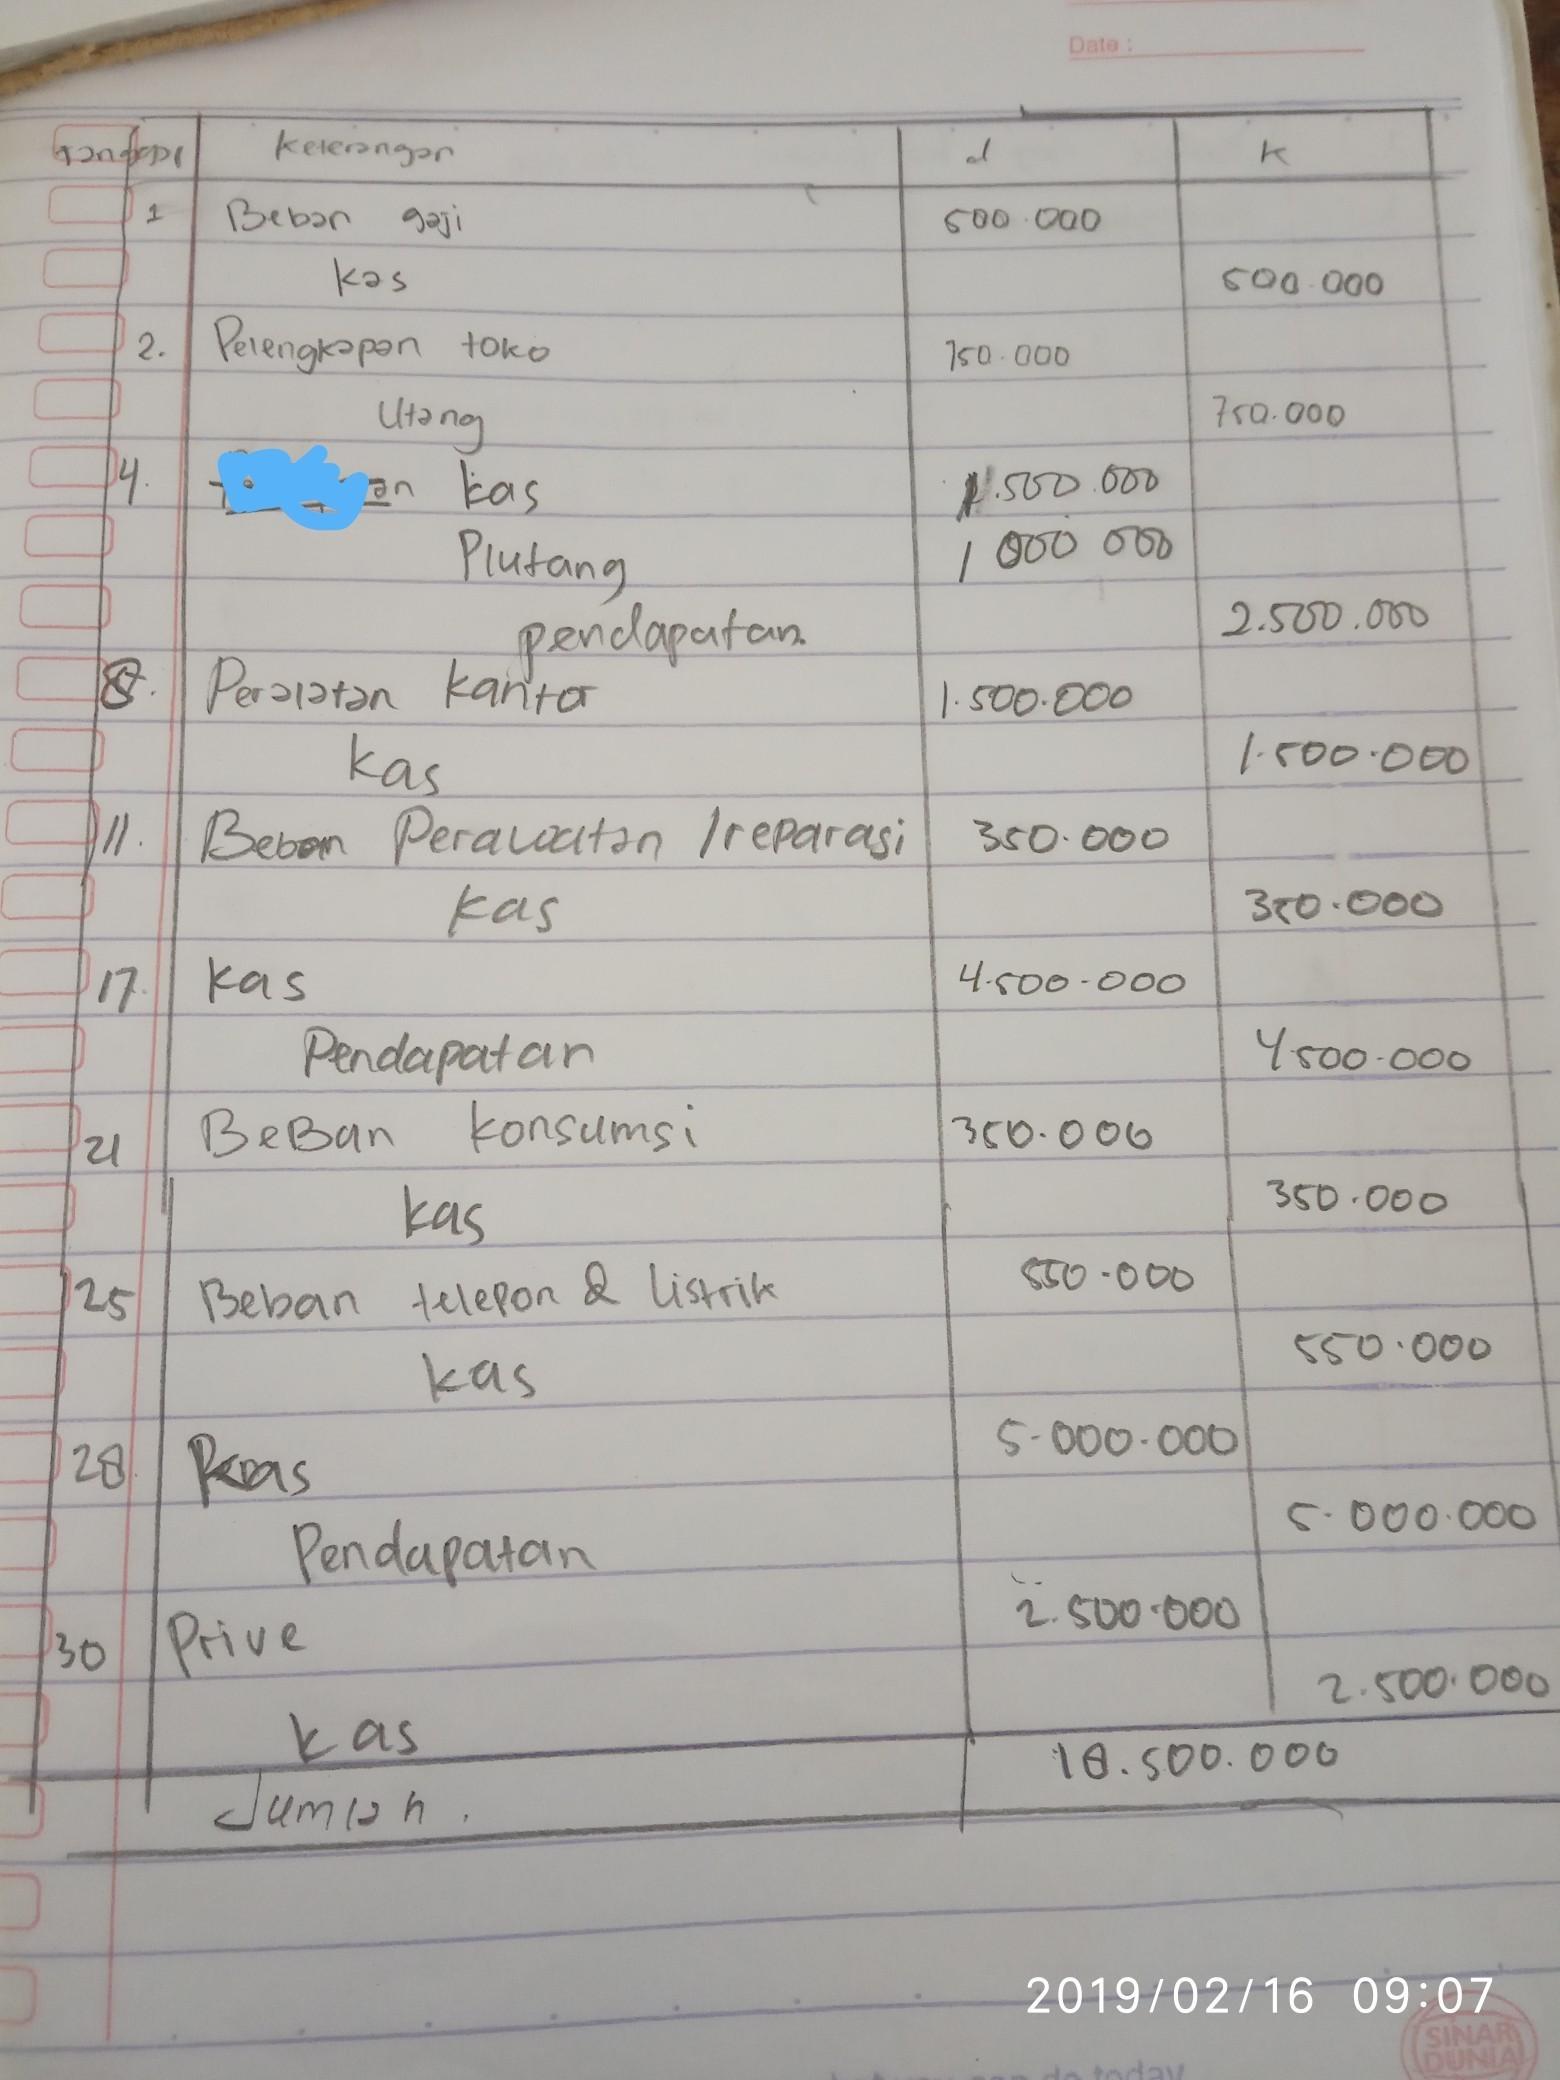 Buat Jurnal Umum Desember Tgl 1 Dibayar Gaji Pegawai Sebesar Rp 500 000 Tgl 2 Dibeli Perlengkapan Brainly Co Id